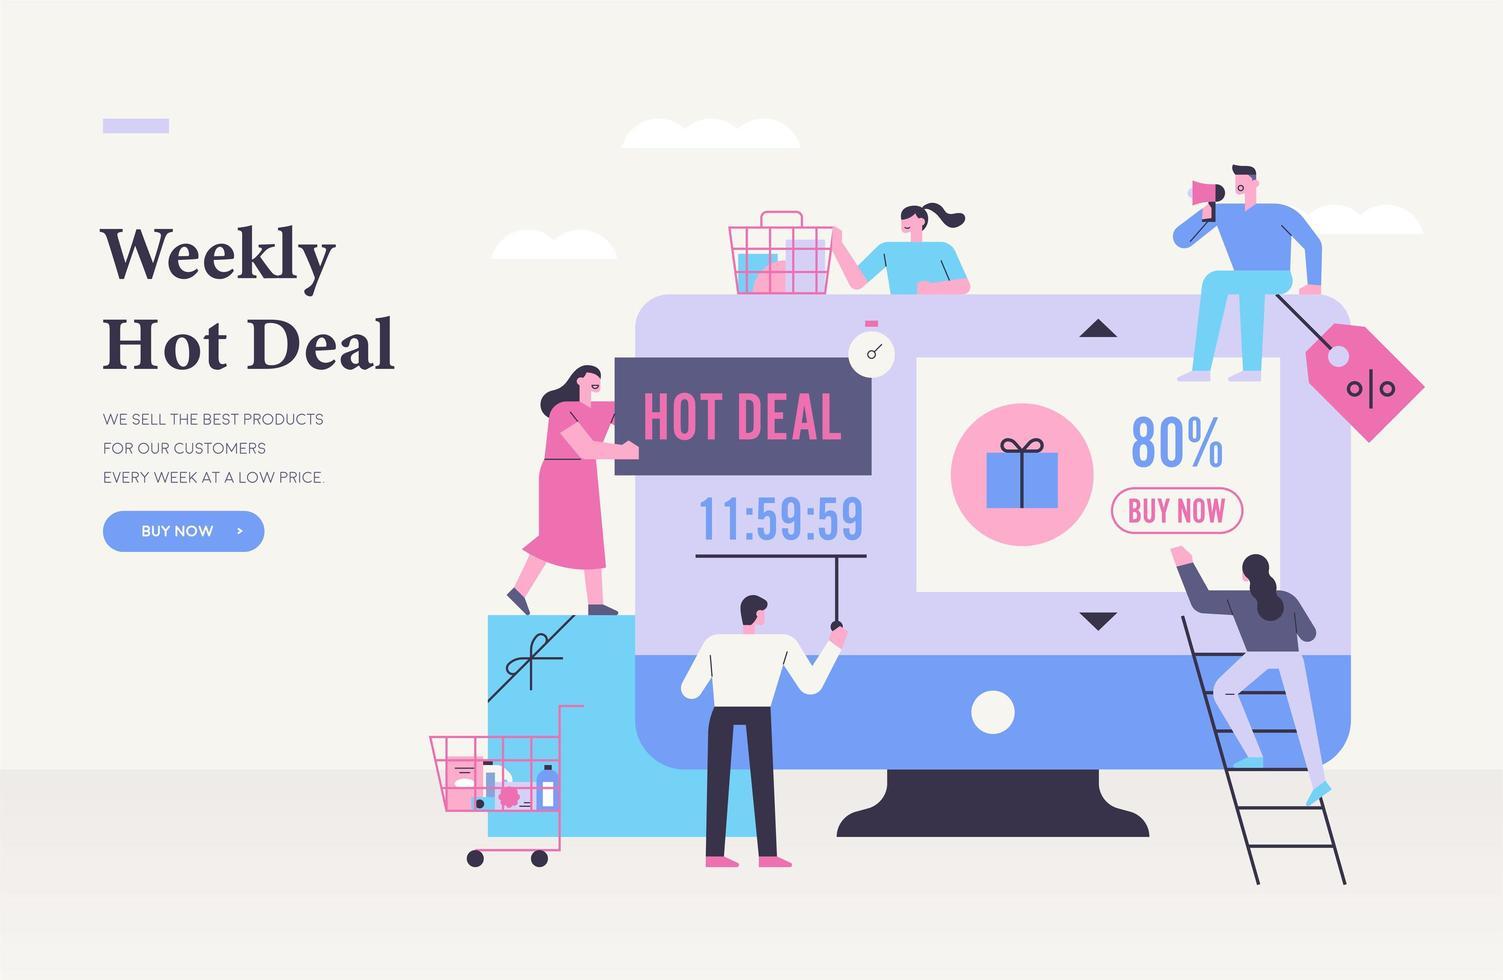 Hot Deal Shopping Poster. vektor